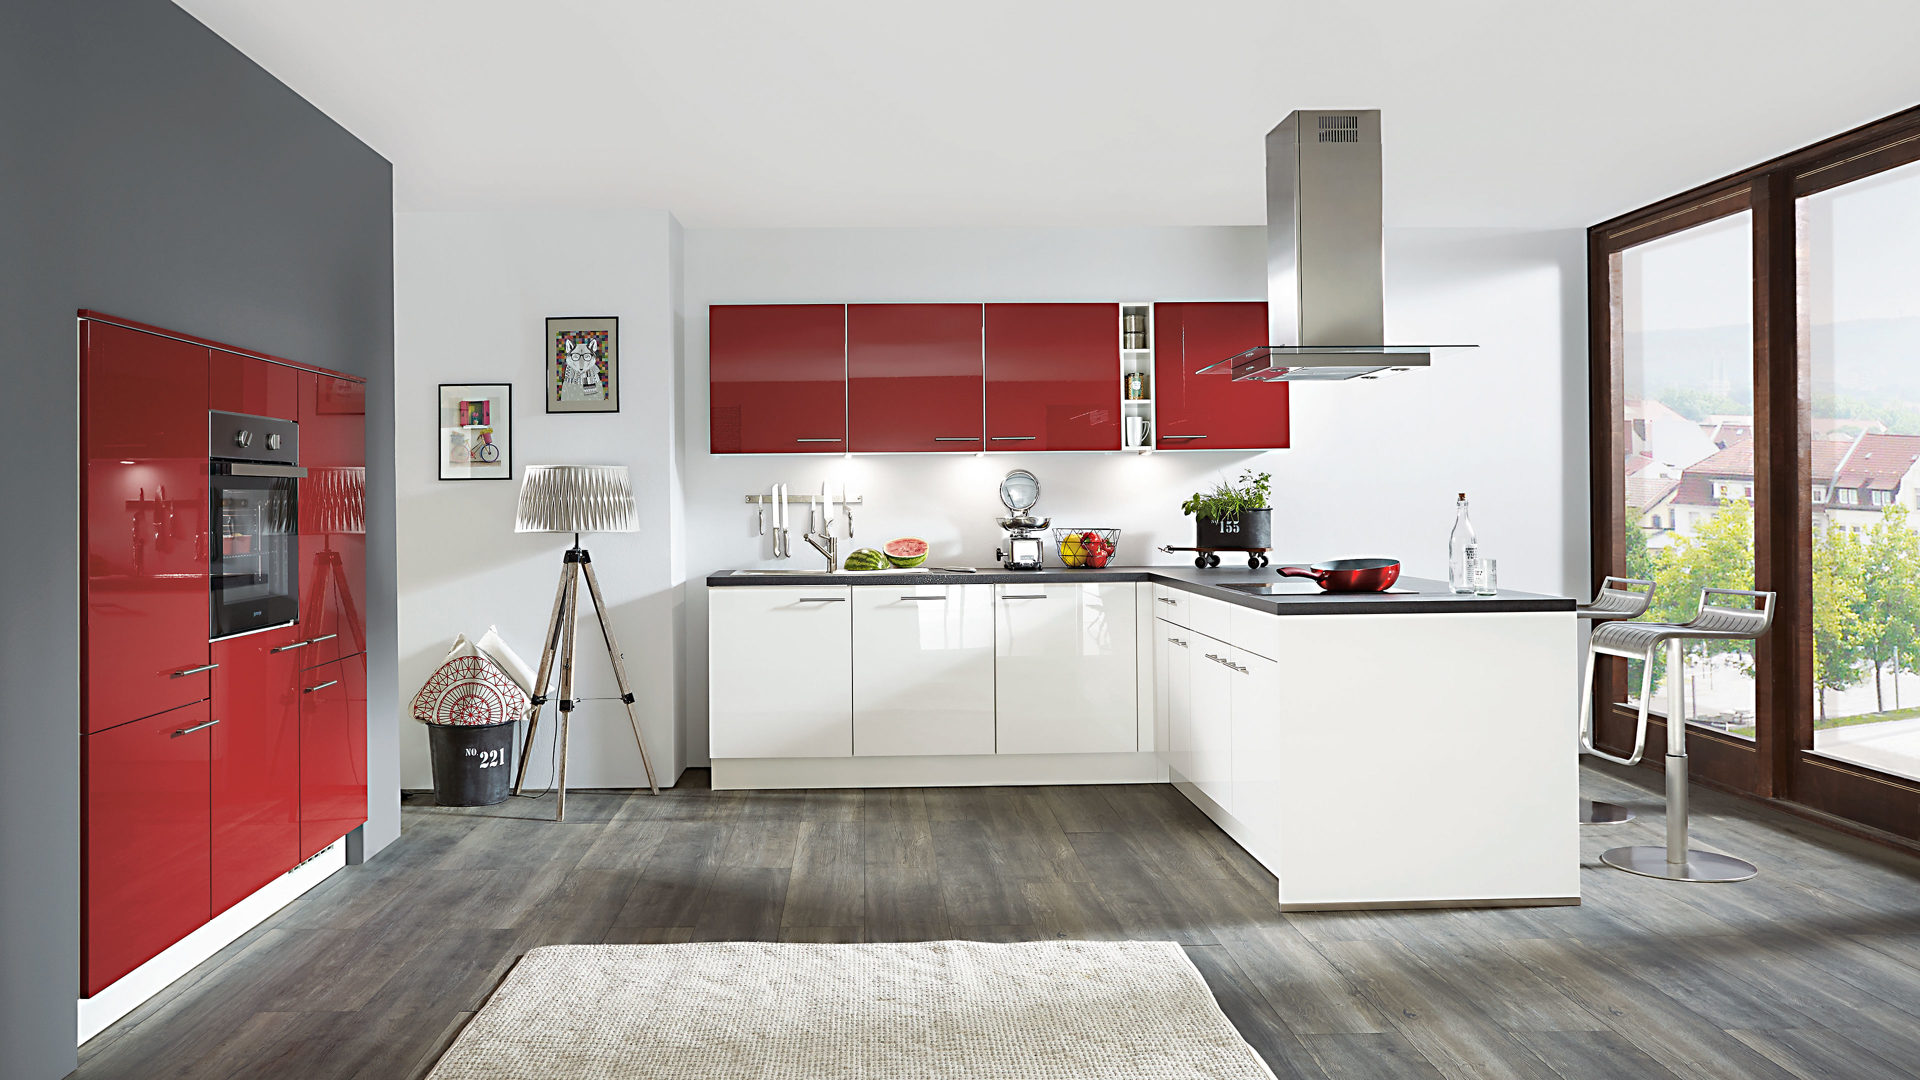 Fantastisch Küche Themen Rot Bilder - Küchenschrank Ideen ...